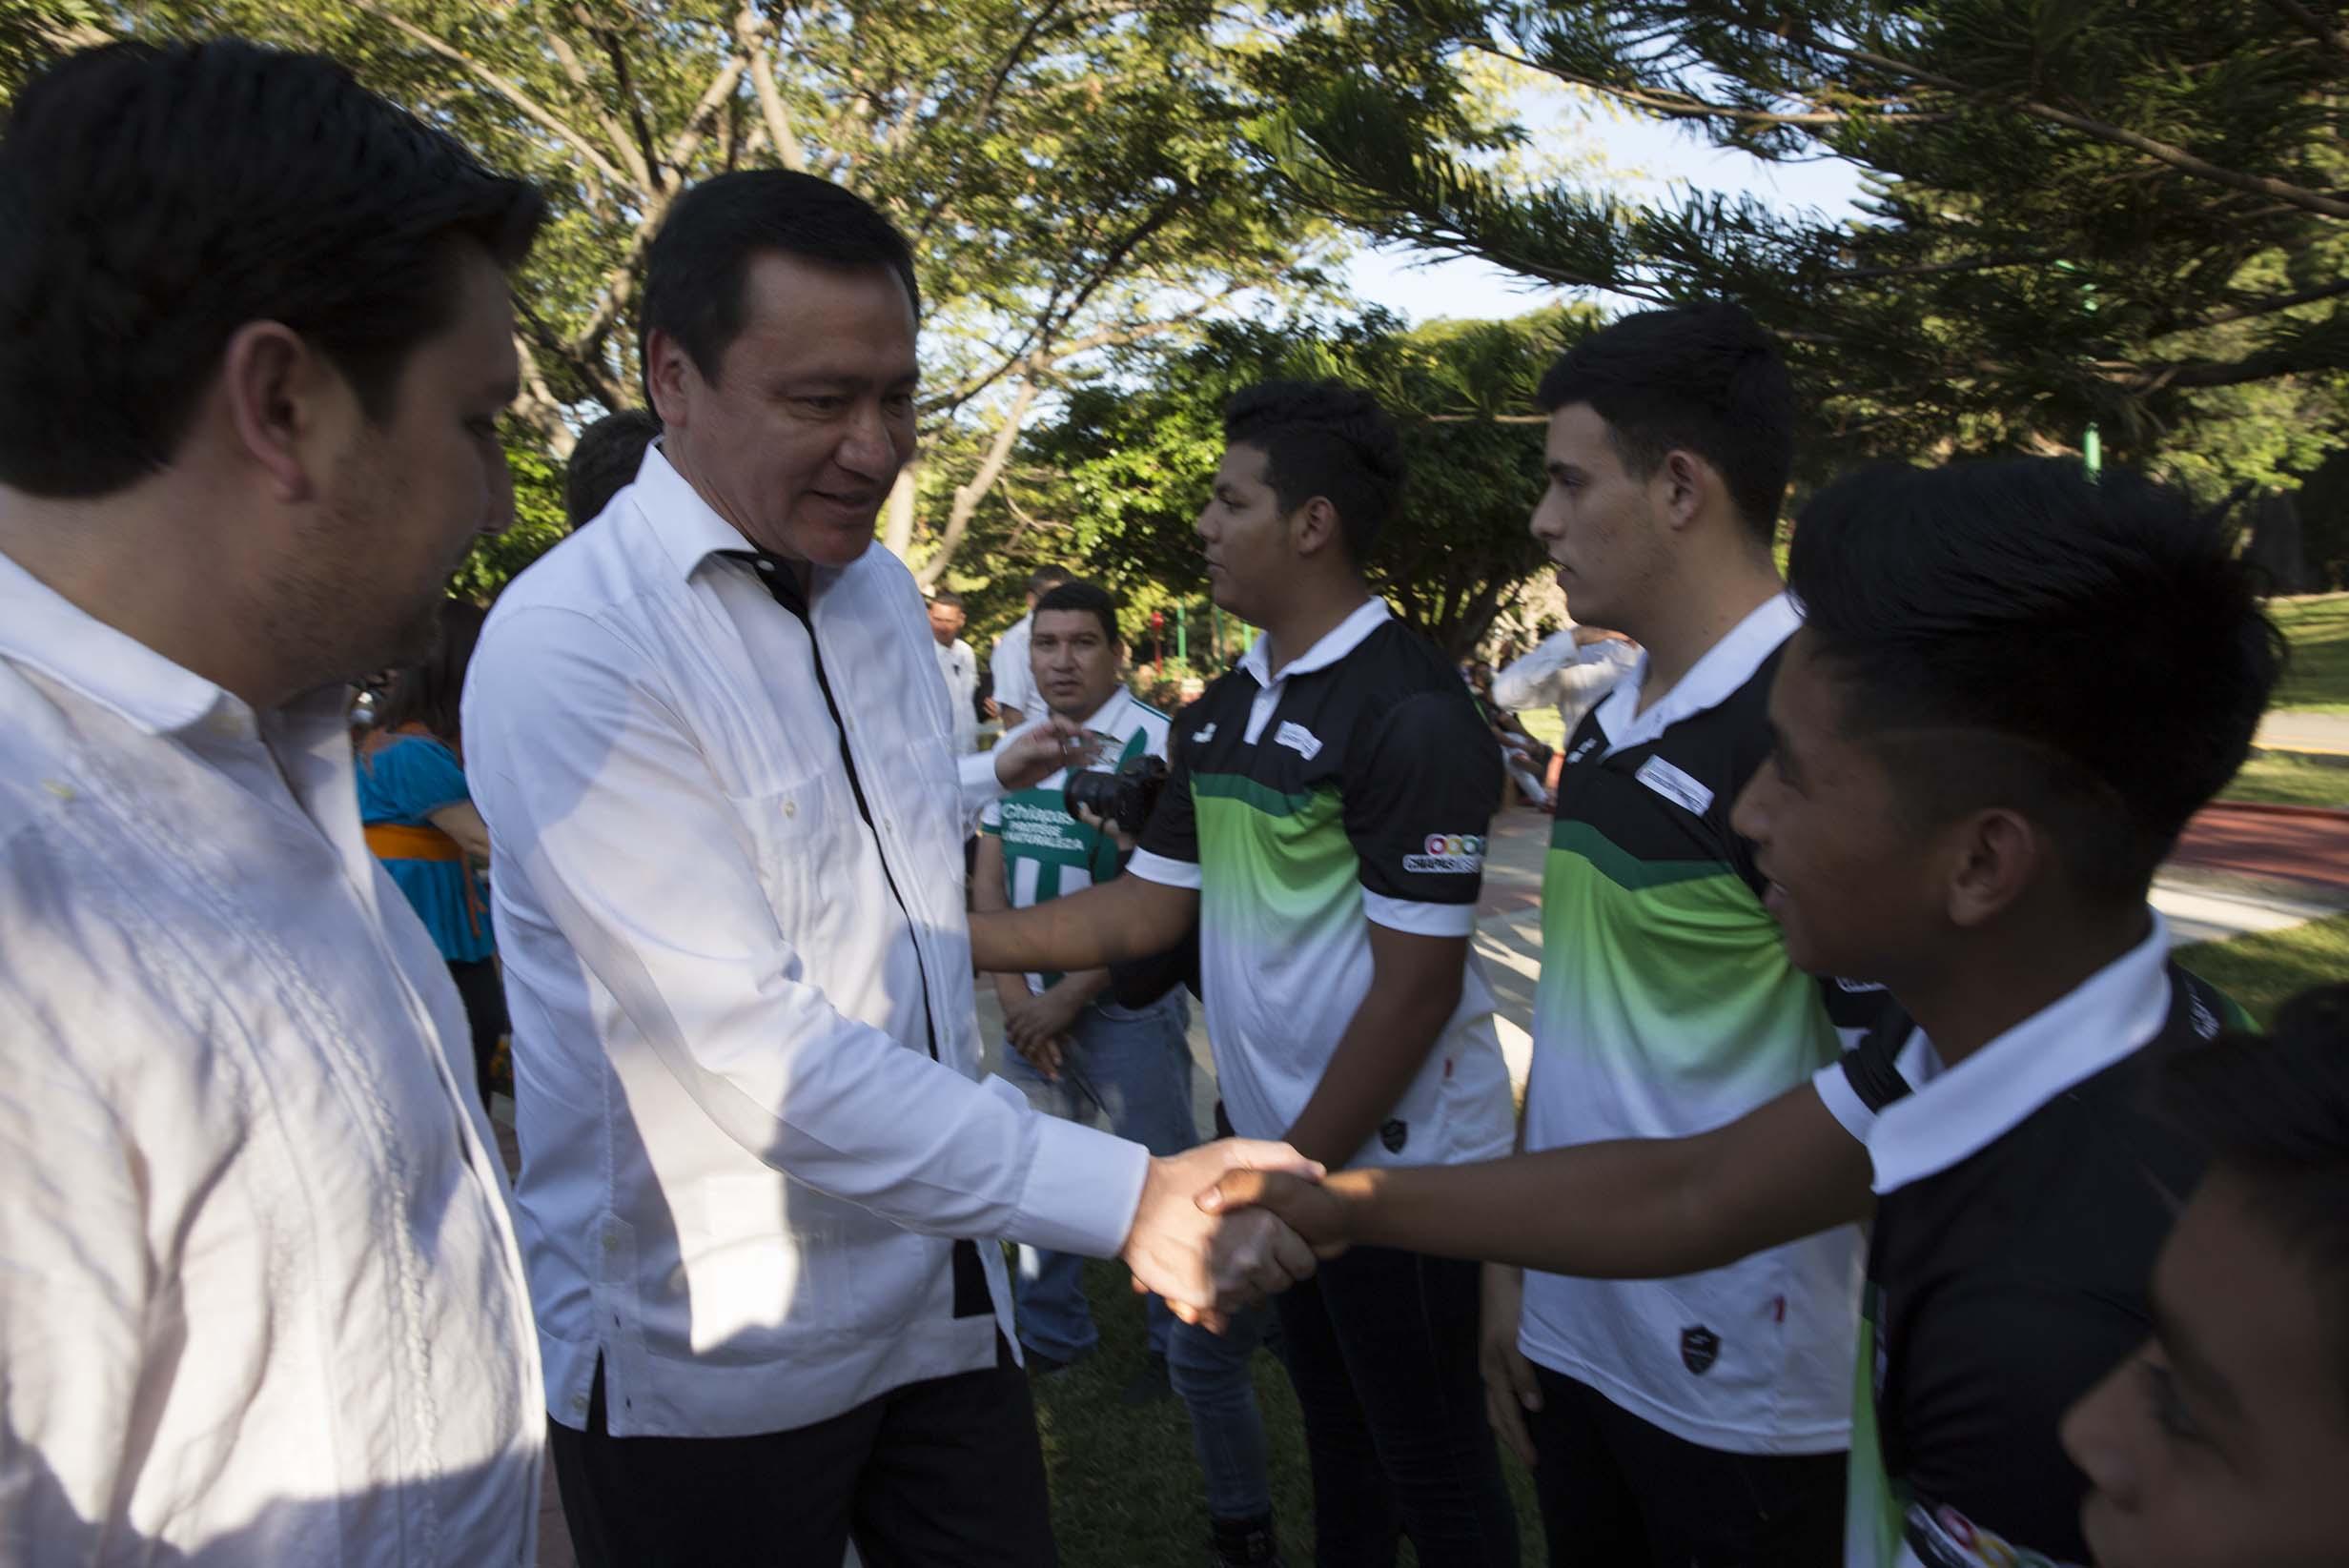 El Secretario de Gobernación saluda a un joven en Chiapas